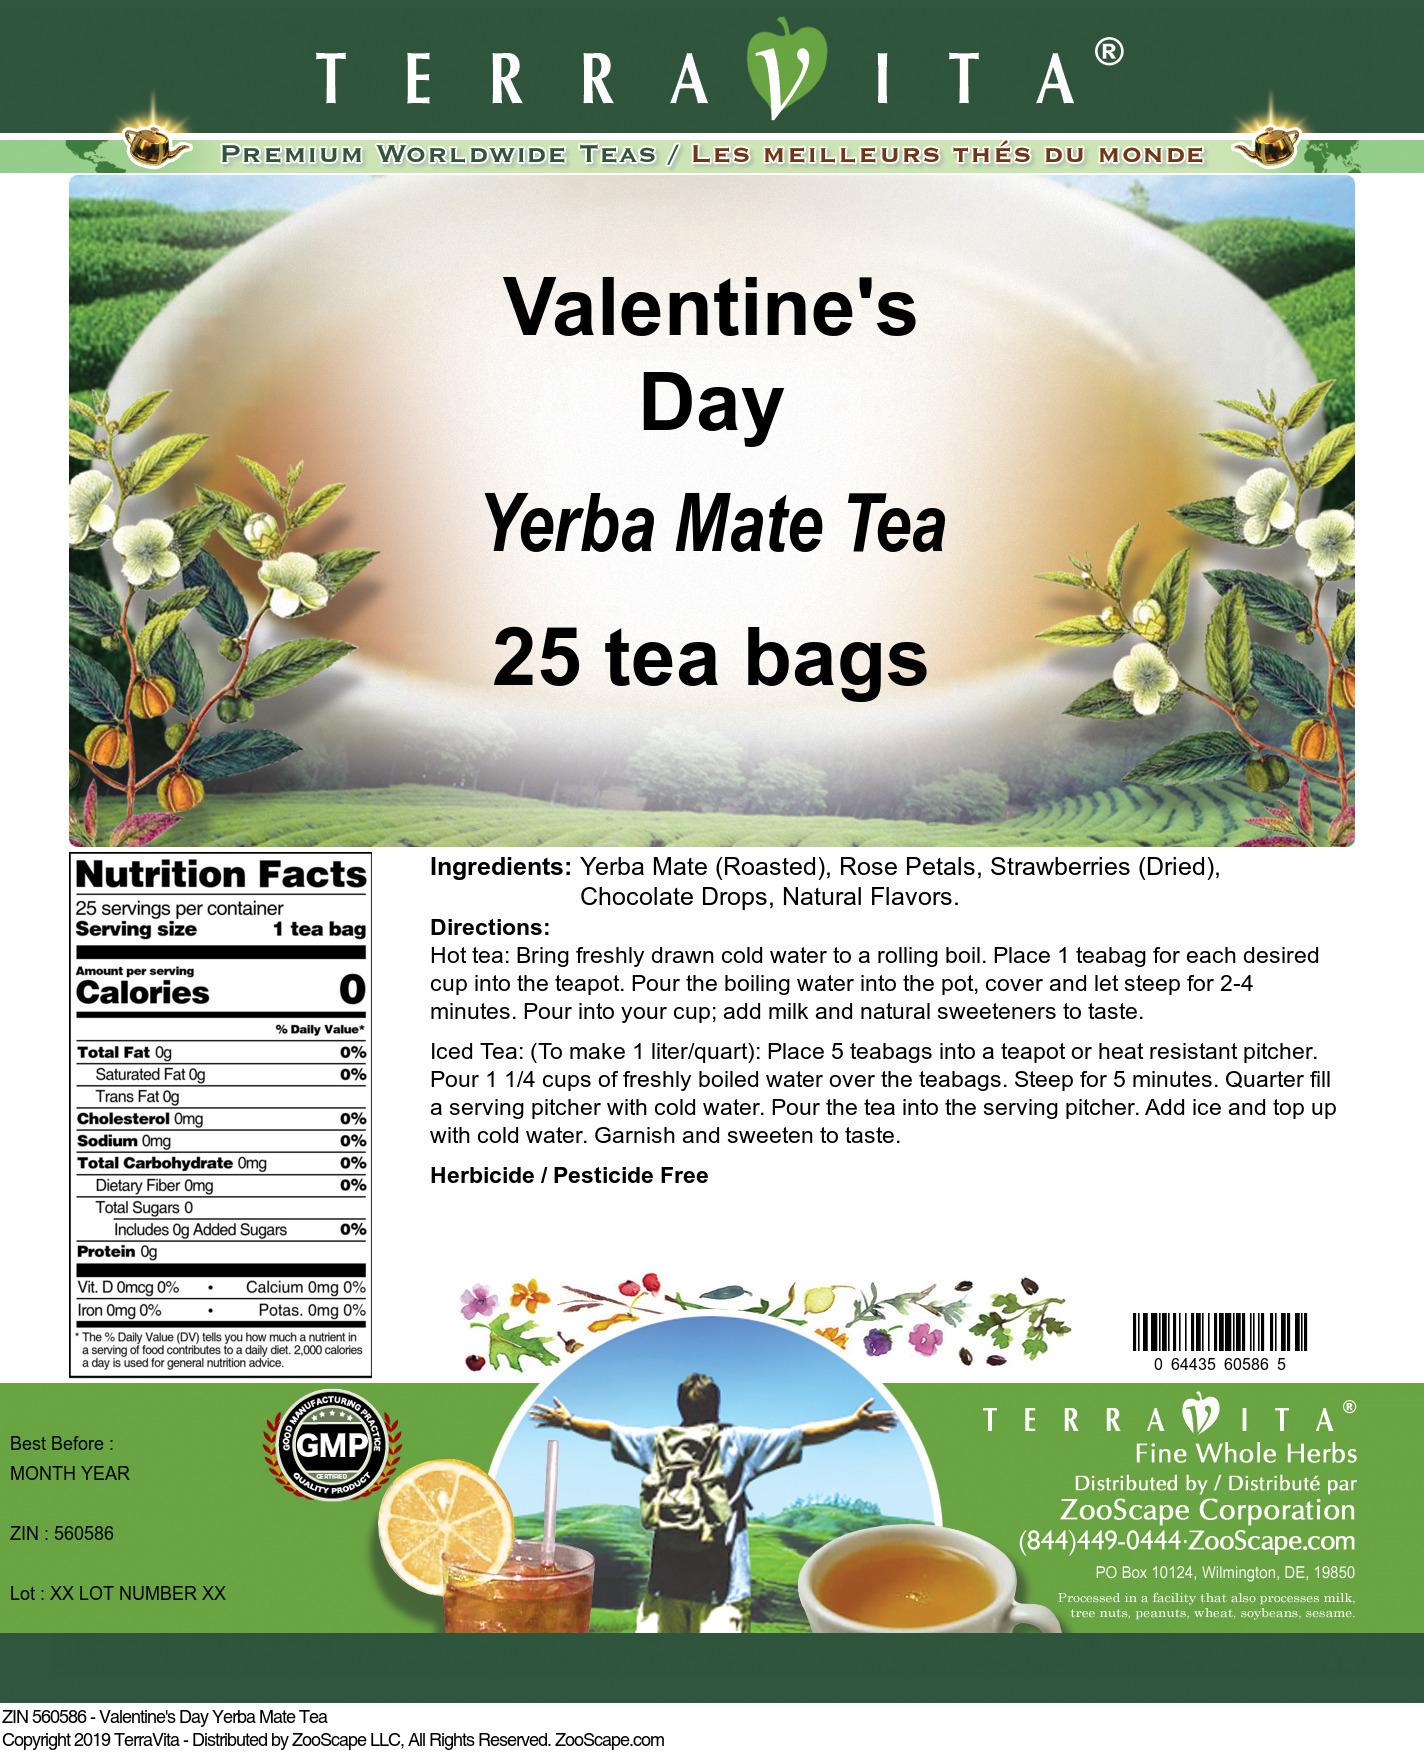 Valentine's Day Yerba Mate